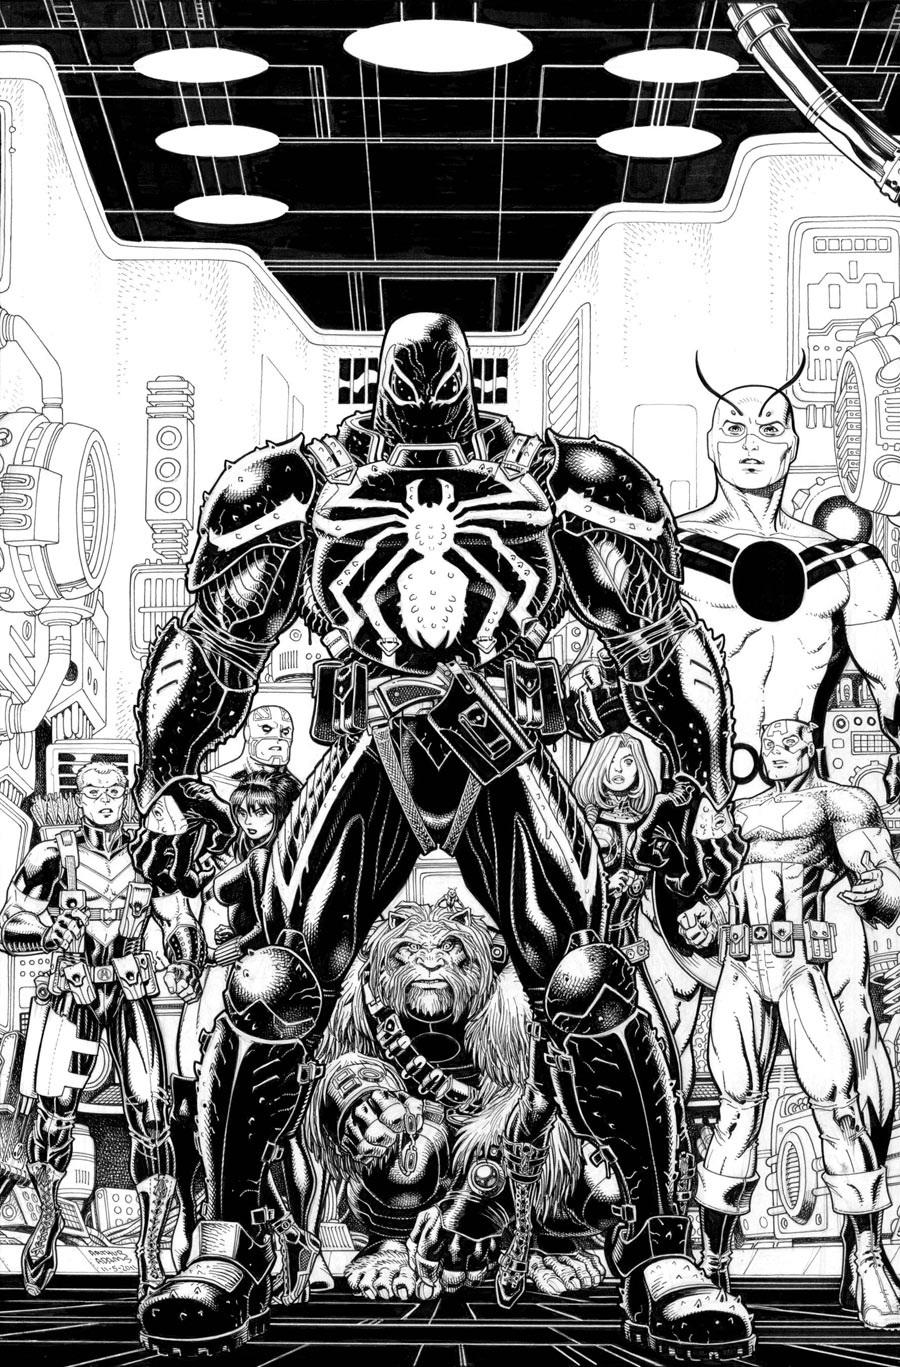 Secret Avengers Vol 1 23 Textless.jpg